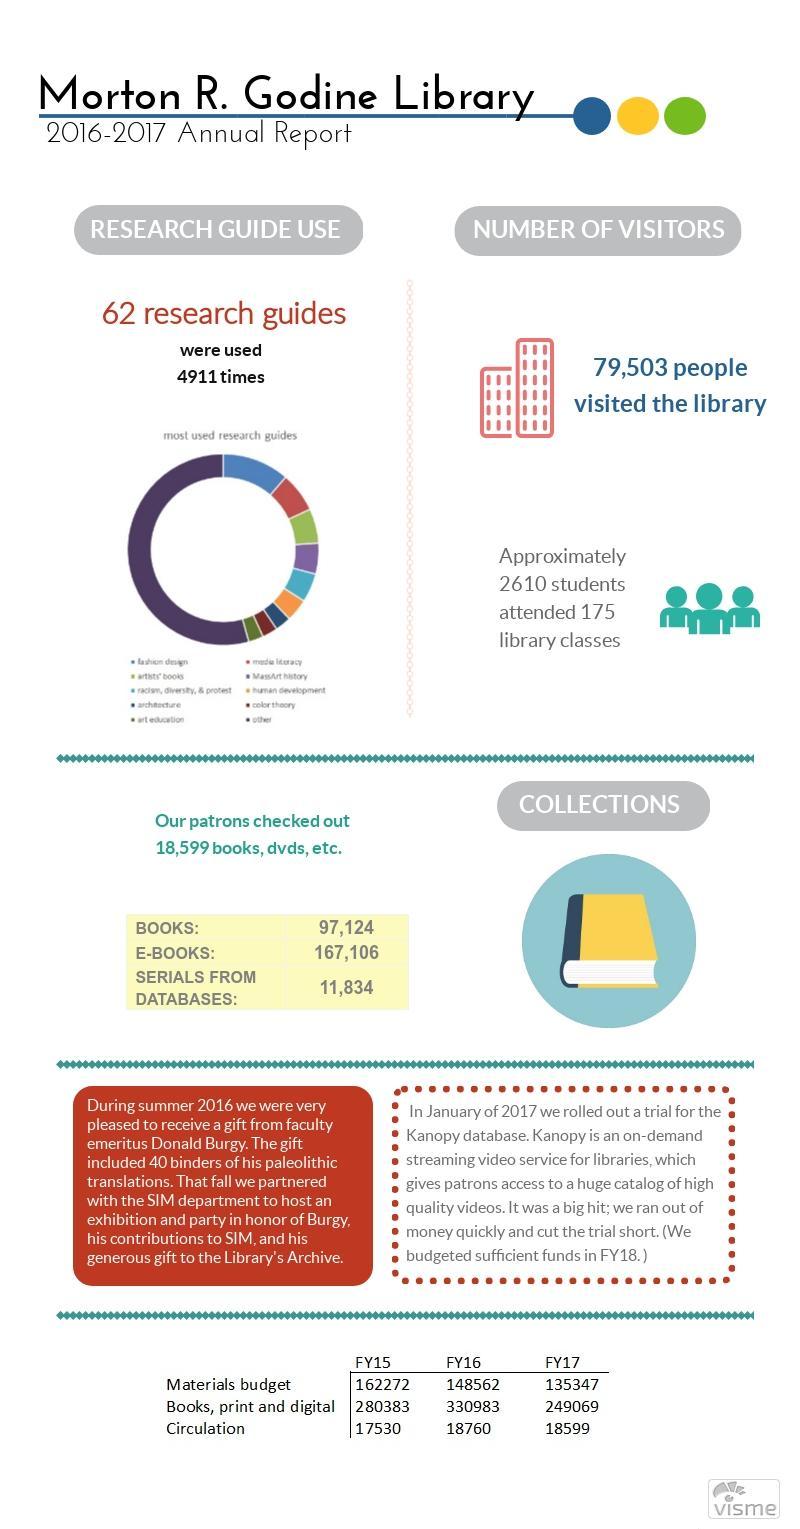 Godine Library Annual Report 2016-2017